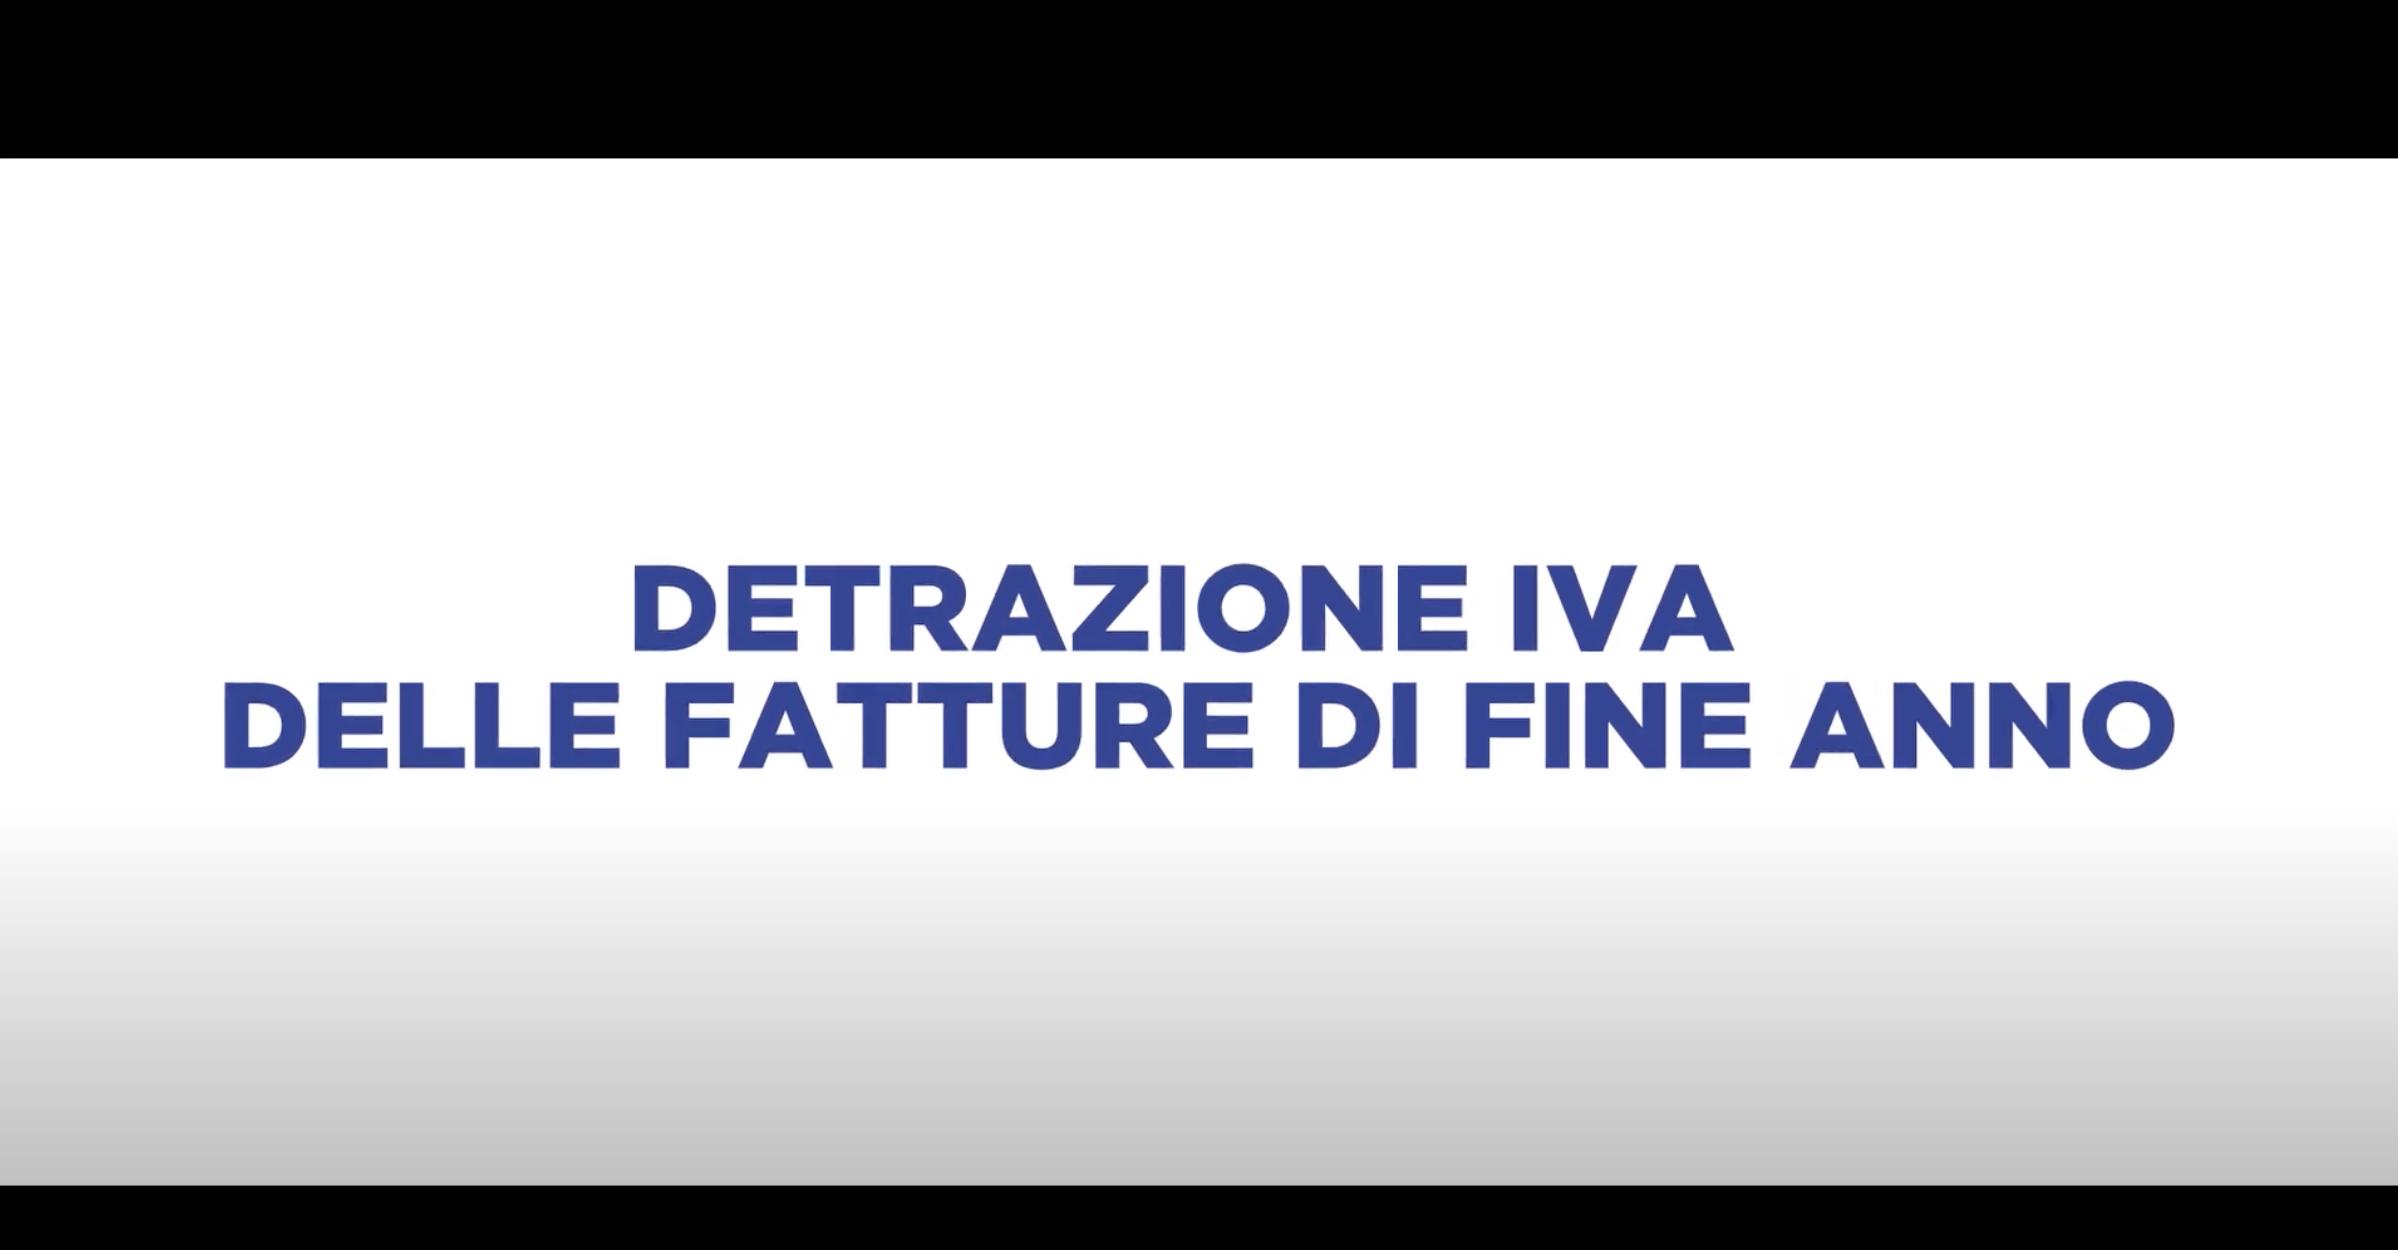 DETRAZIONE IVA DELLE FATTURE DI FINE ANNO